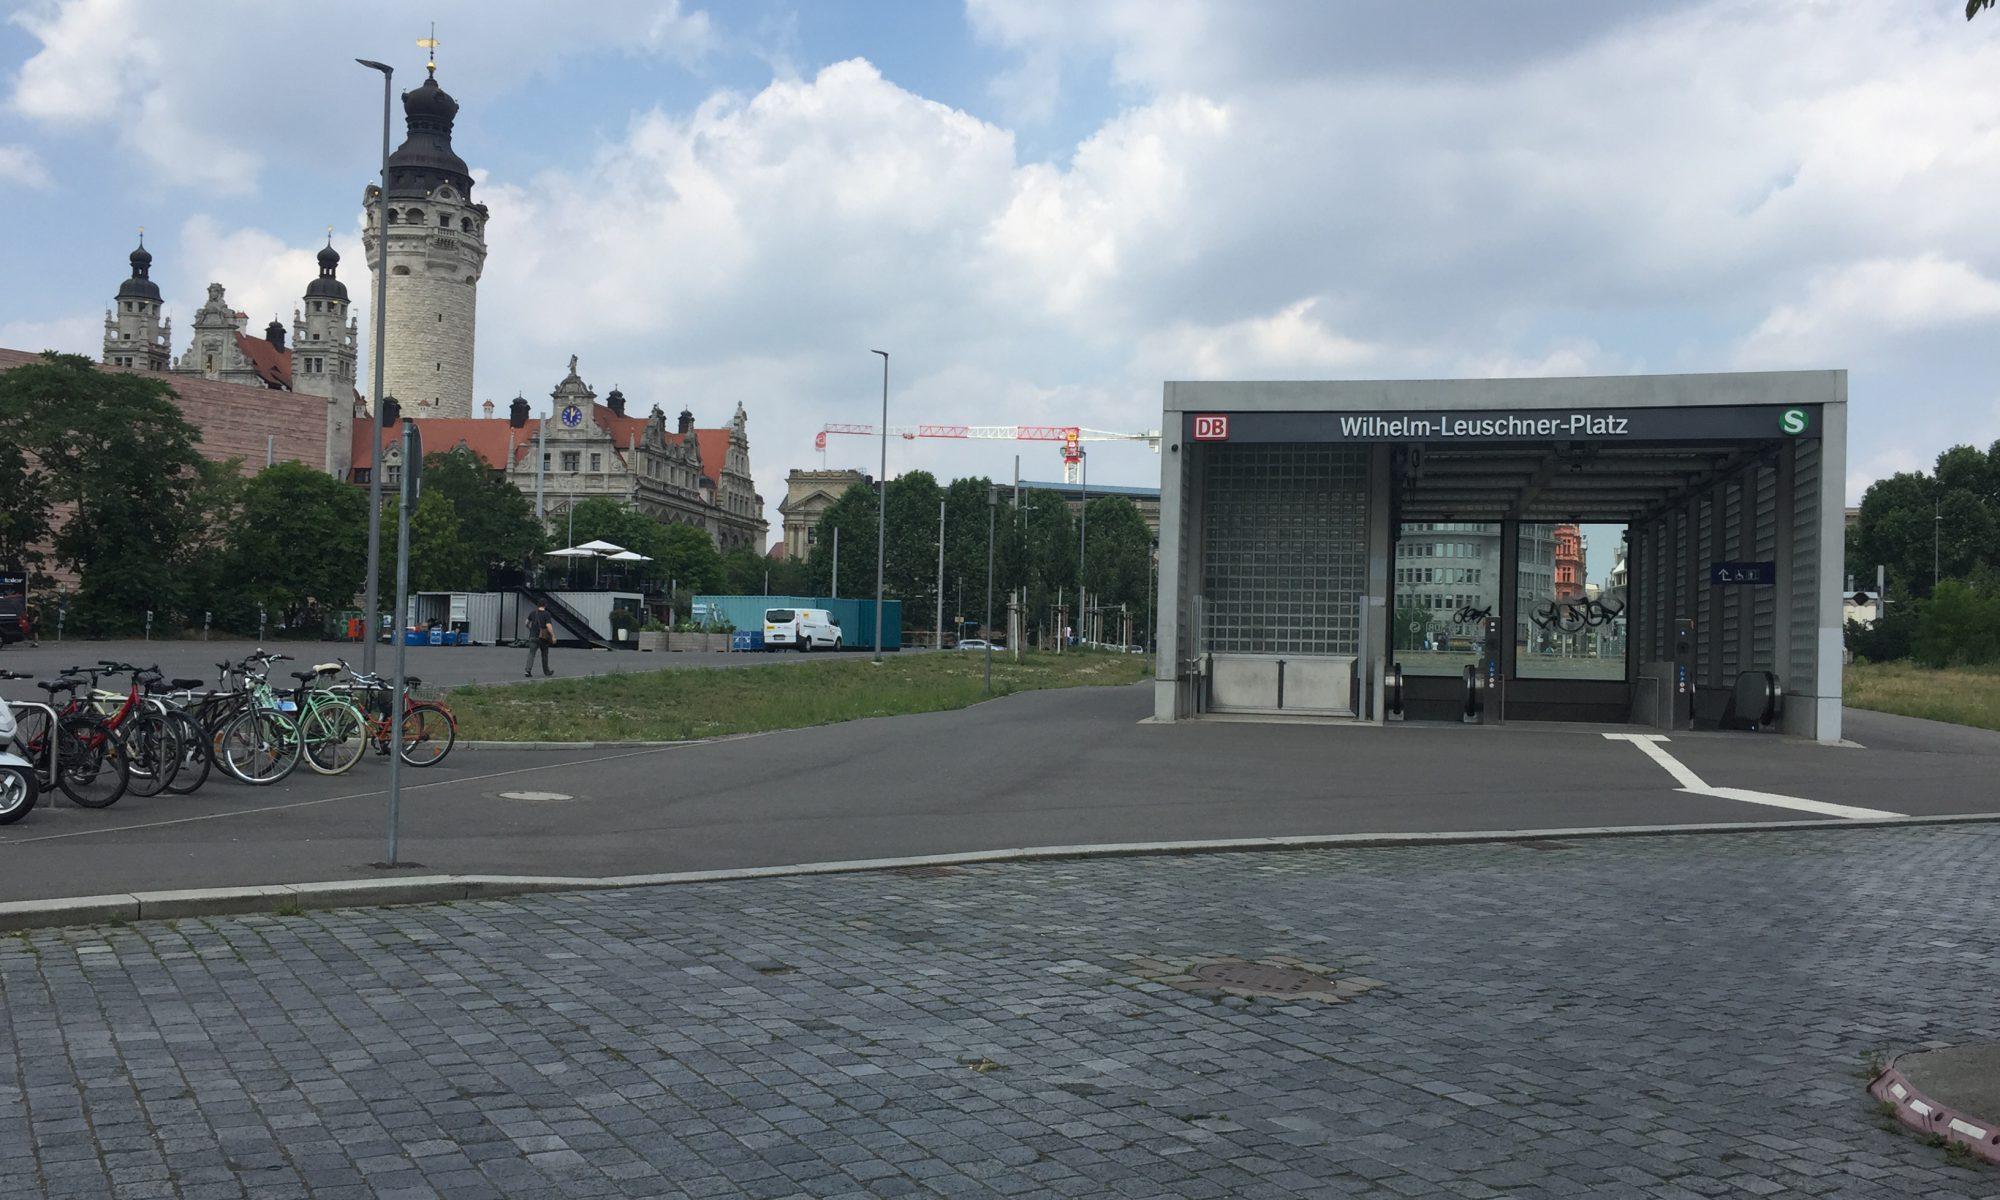 Leuschnerplatz